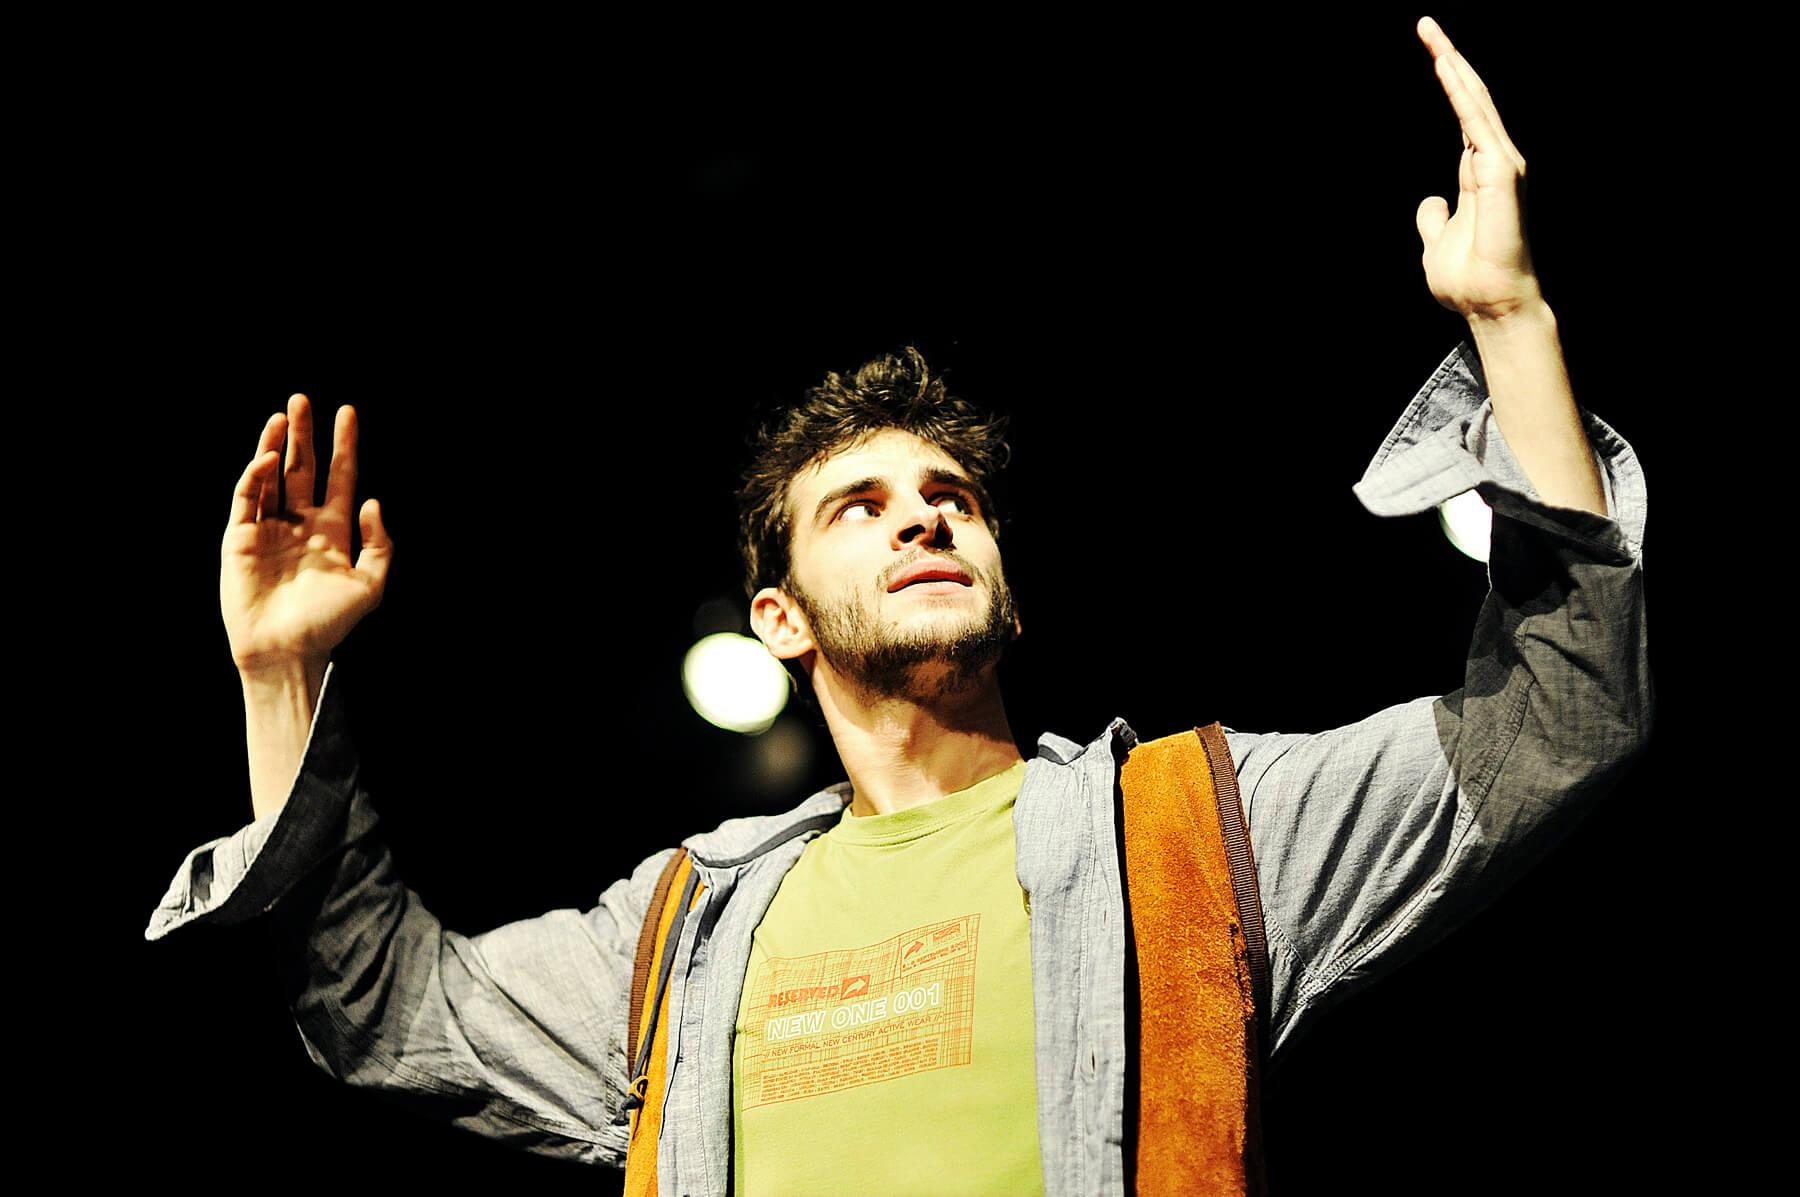 Zdjęcie do spektaklu Ścianananaświat. Aktor z uniesionymi rekoma, wzrok kieruje w prawa stronę.